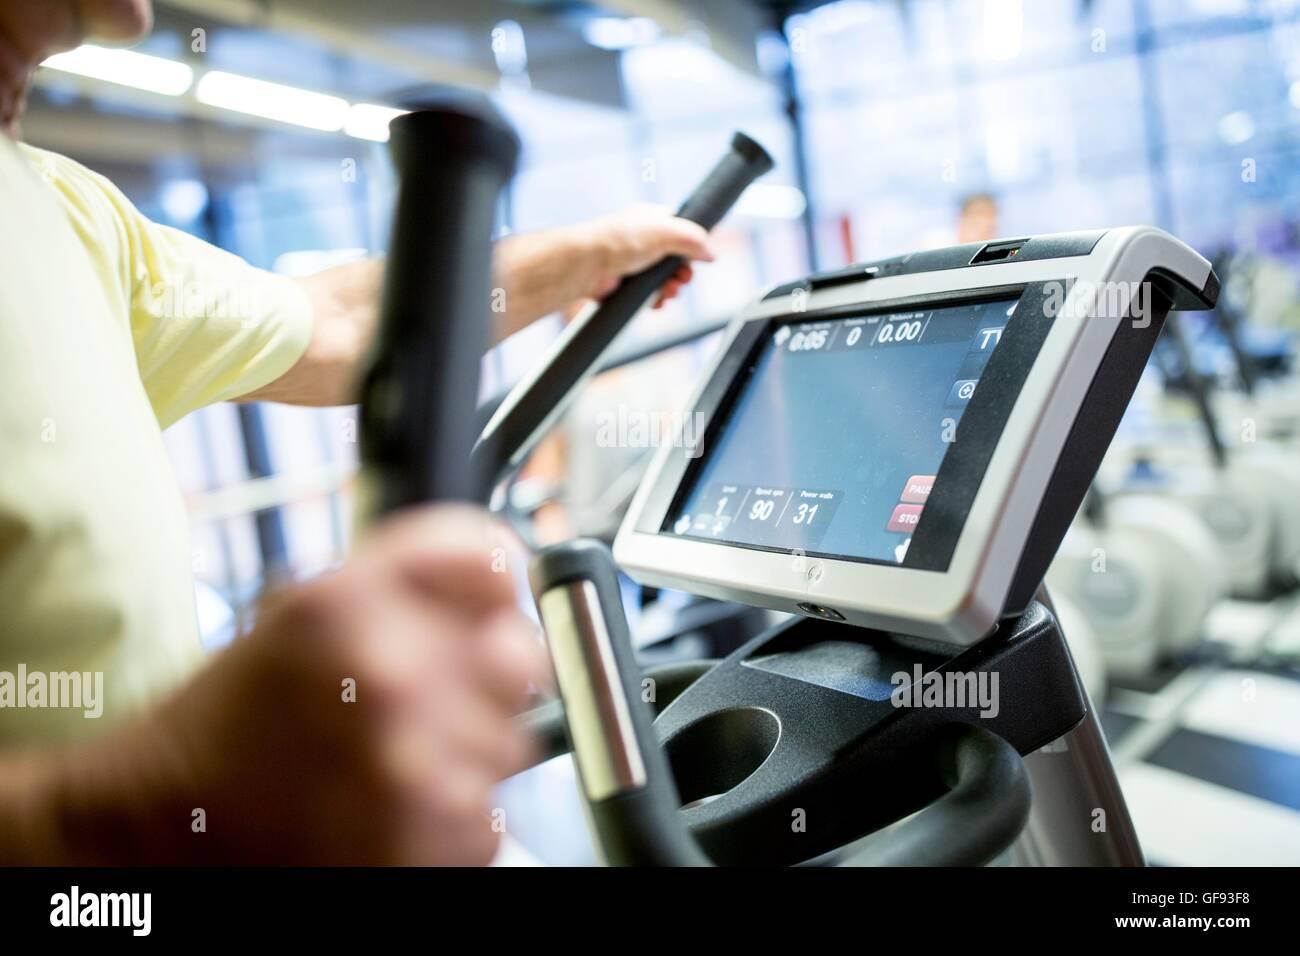 Liberados de la propiedad. Modelo liberado. El hombre ejerce sobre el ejercicio caminadora en el gimnasio. Imagen De Stock